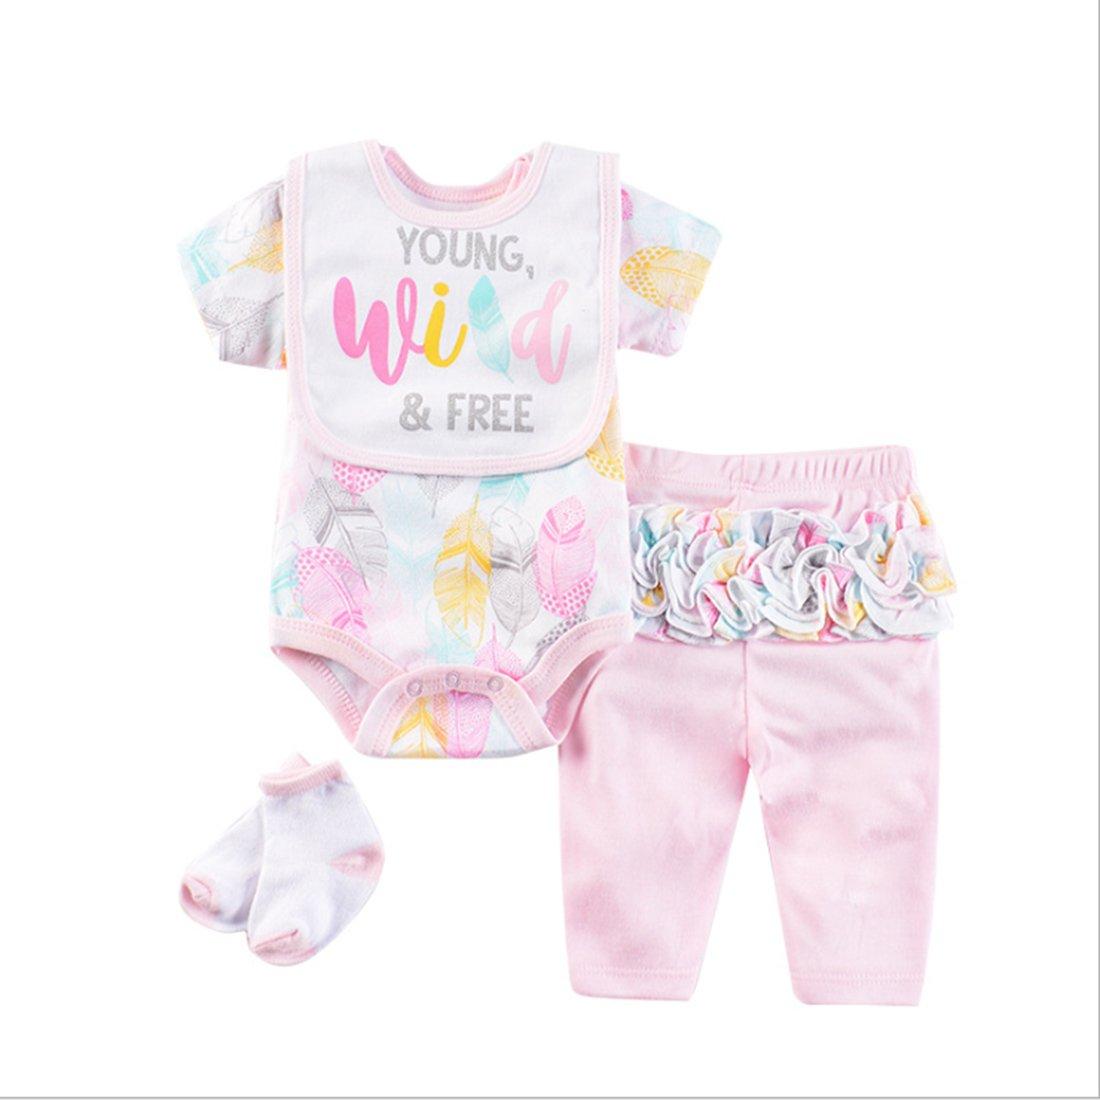 Vêtement Convient pour Les Vêtements de Poupée de 20-22 Pouces, Bébé Reborn Baby Doll, Motif de feuilles